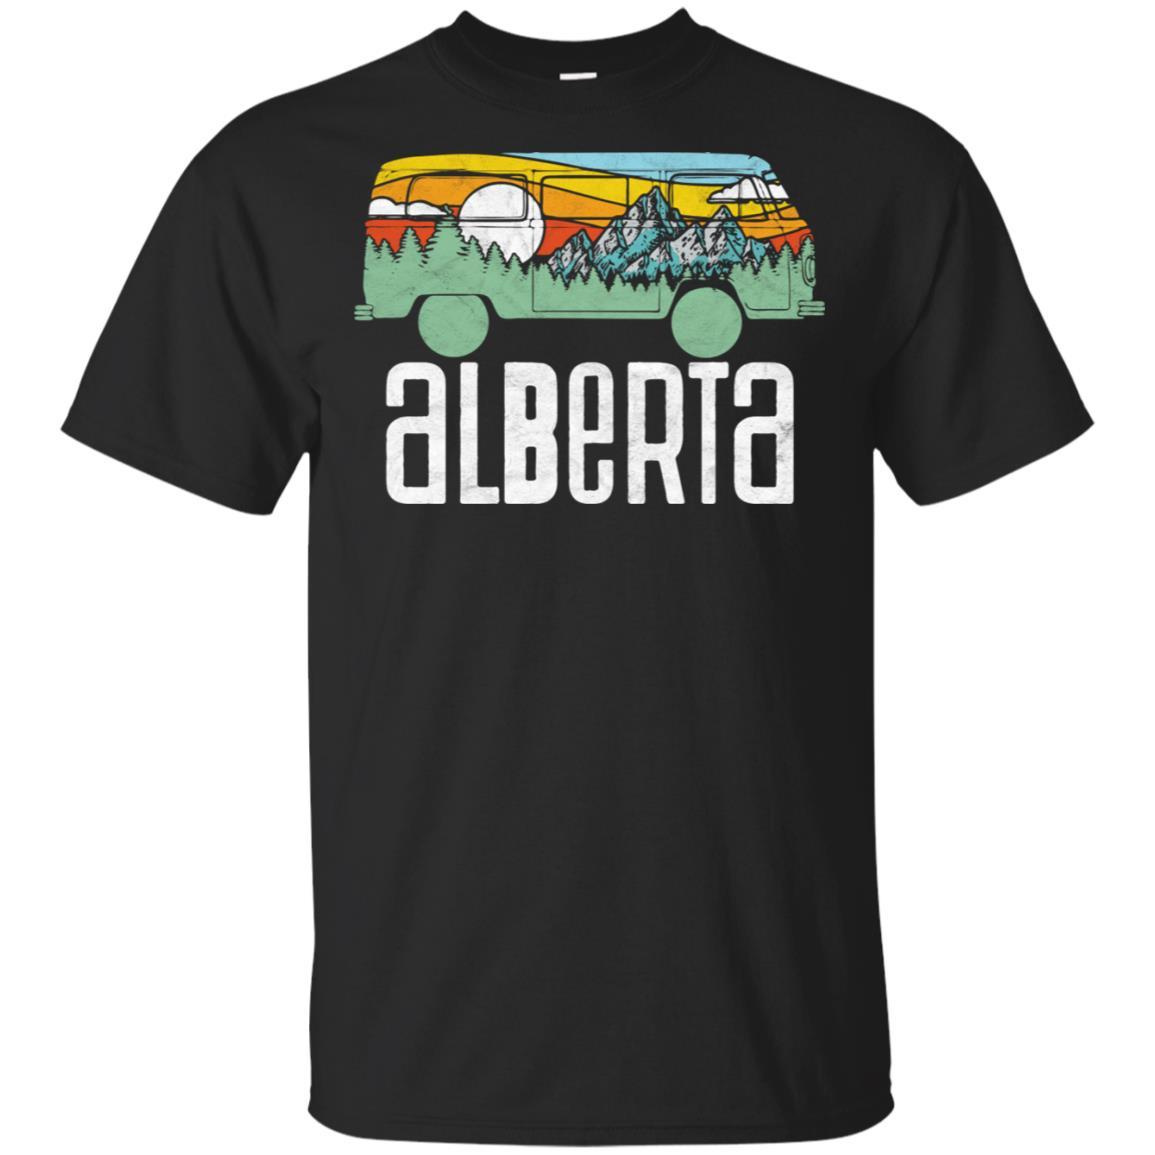 Retro Alberta Canada Outdoor Hippie Van Tee Unisex Short Sleeve